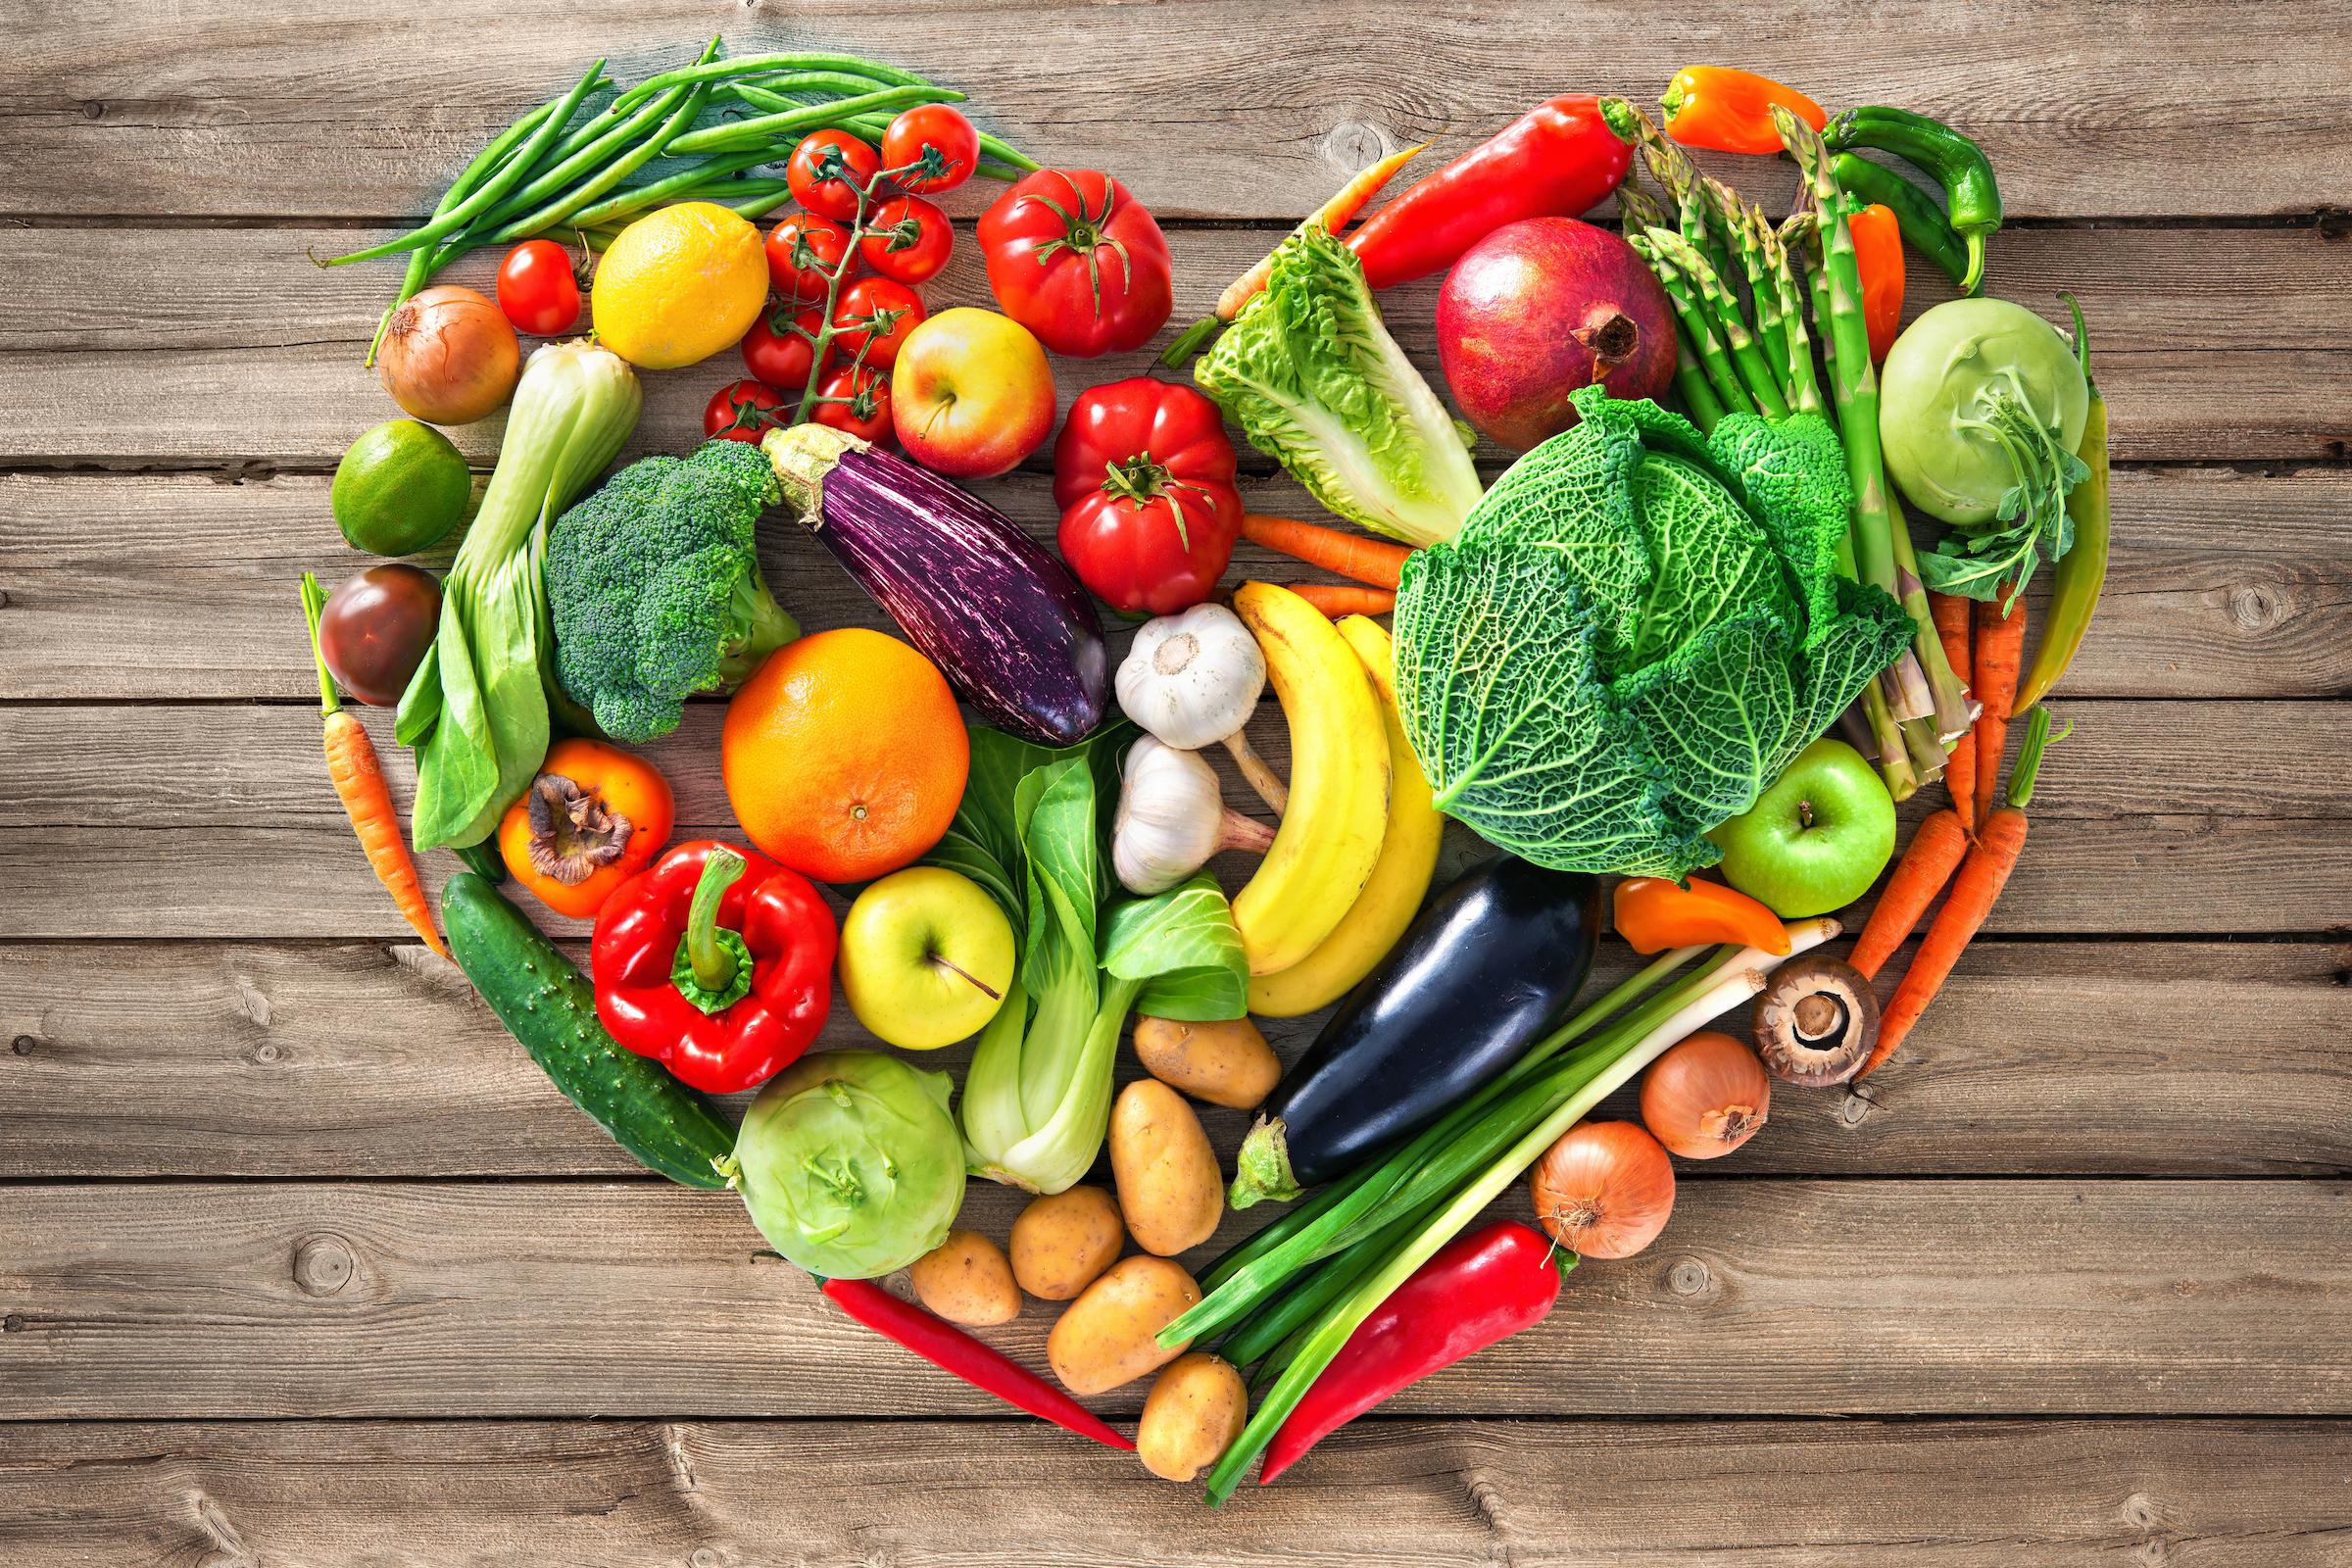 Υγιεινή διατροφή πιάτο: Το πιάτο της υγιεινής διατροφής, σύμφωνα με το Harvard